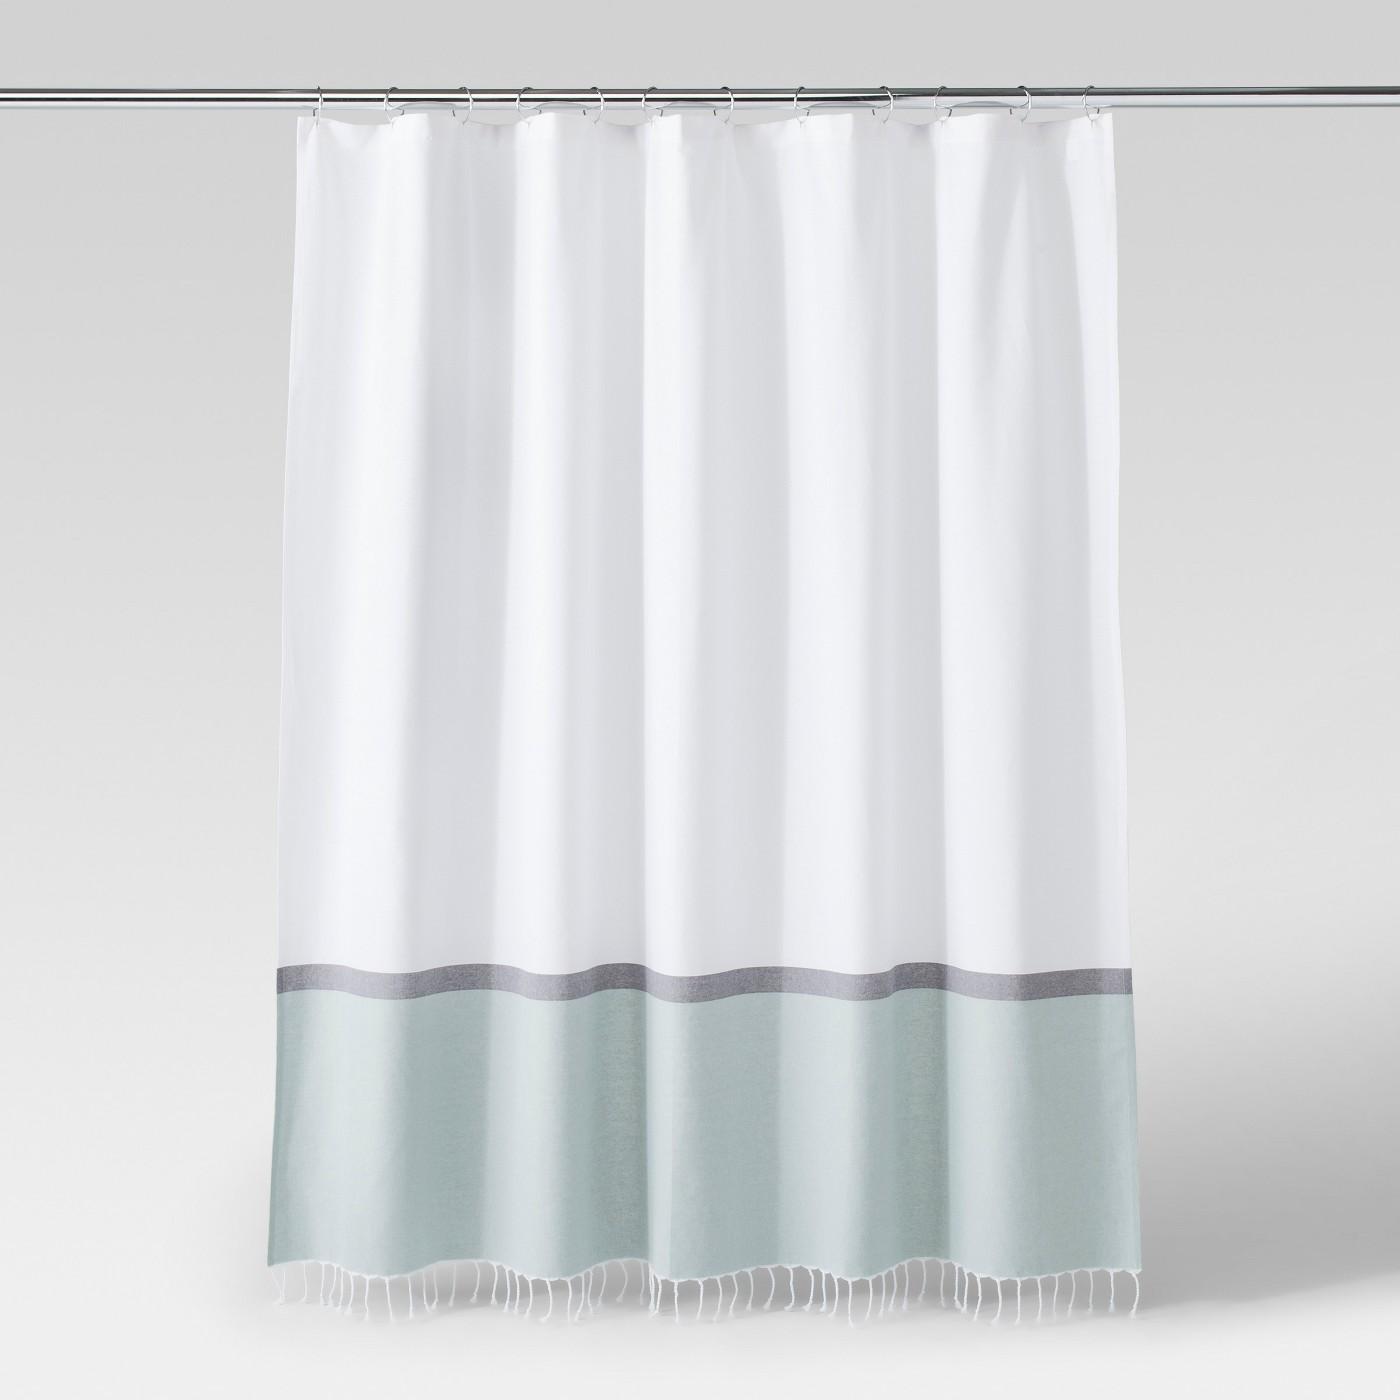 Shower Curtain (similar)